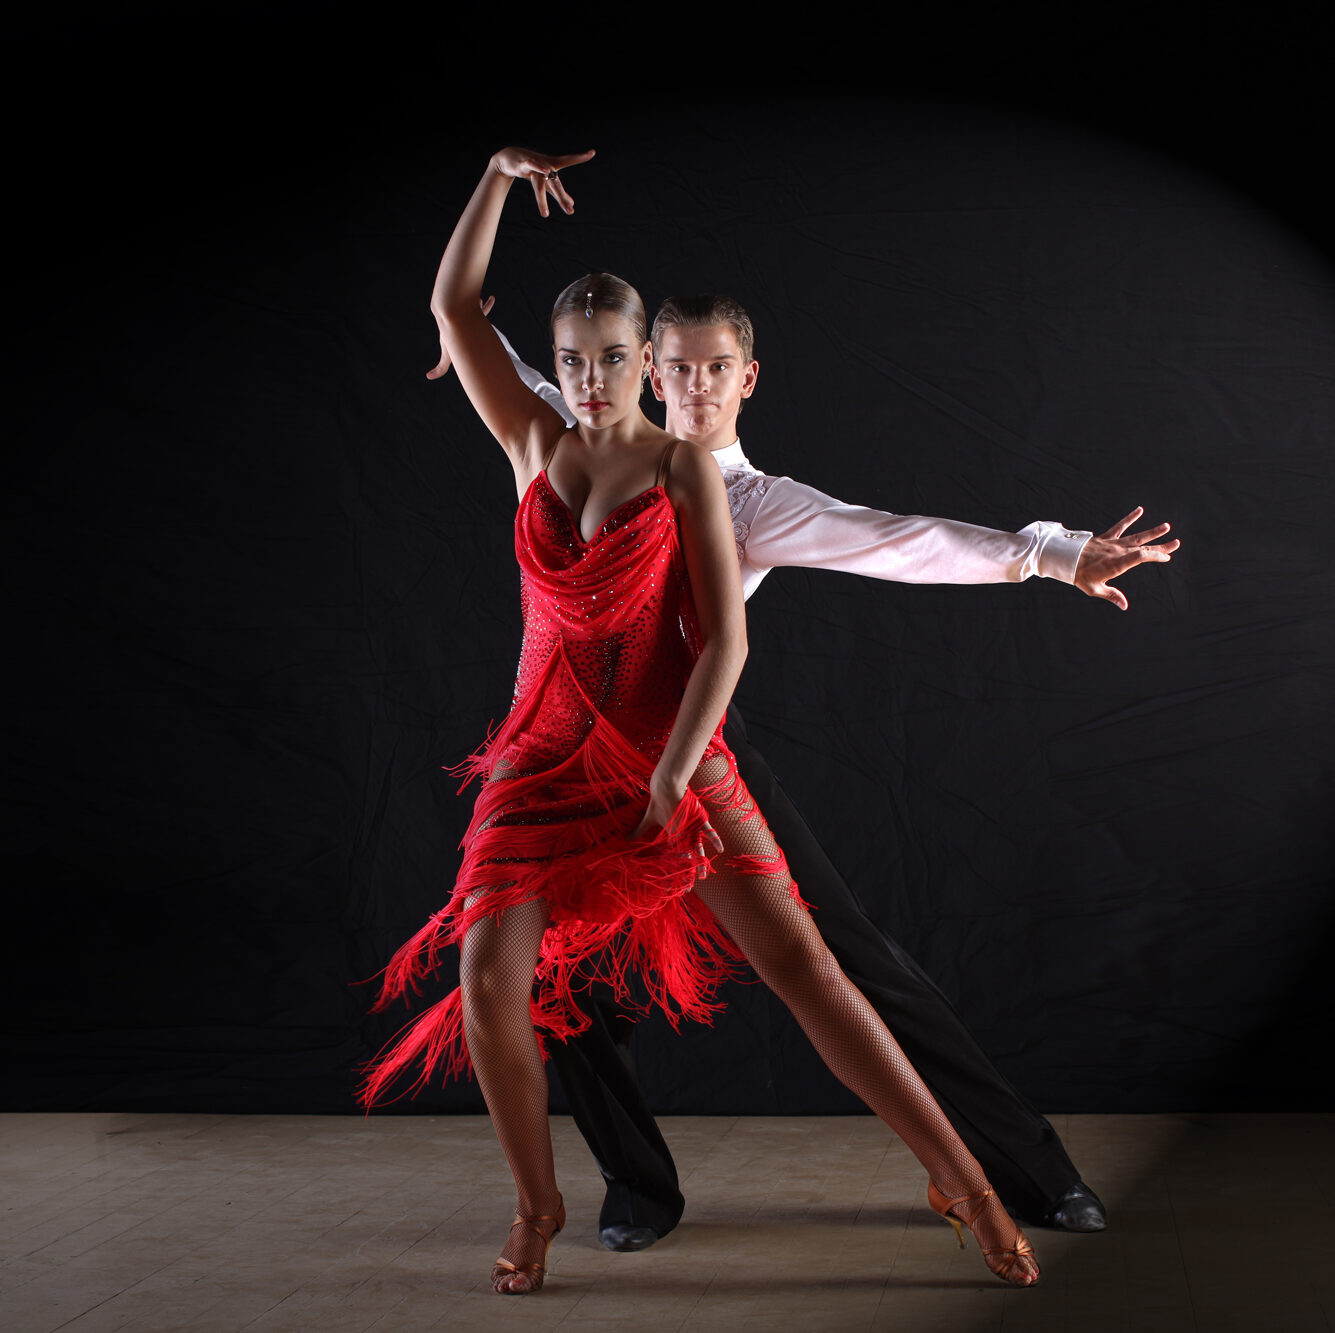 Современные латиноамериканские направления танцев